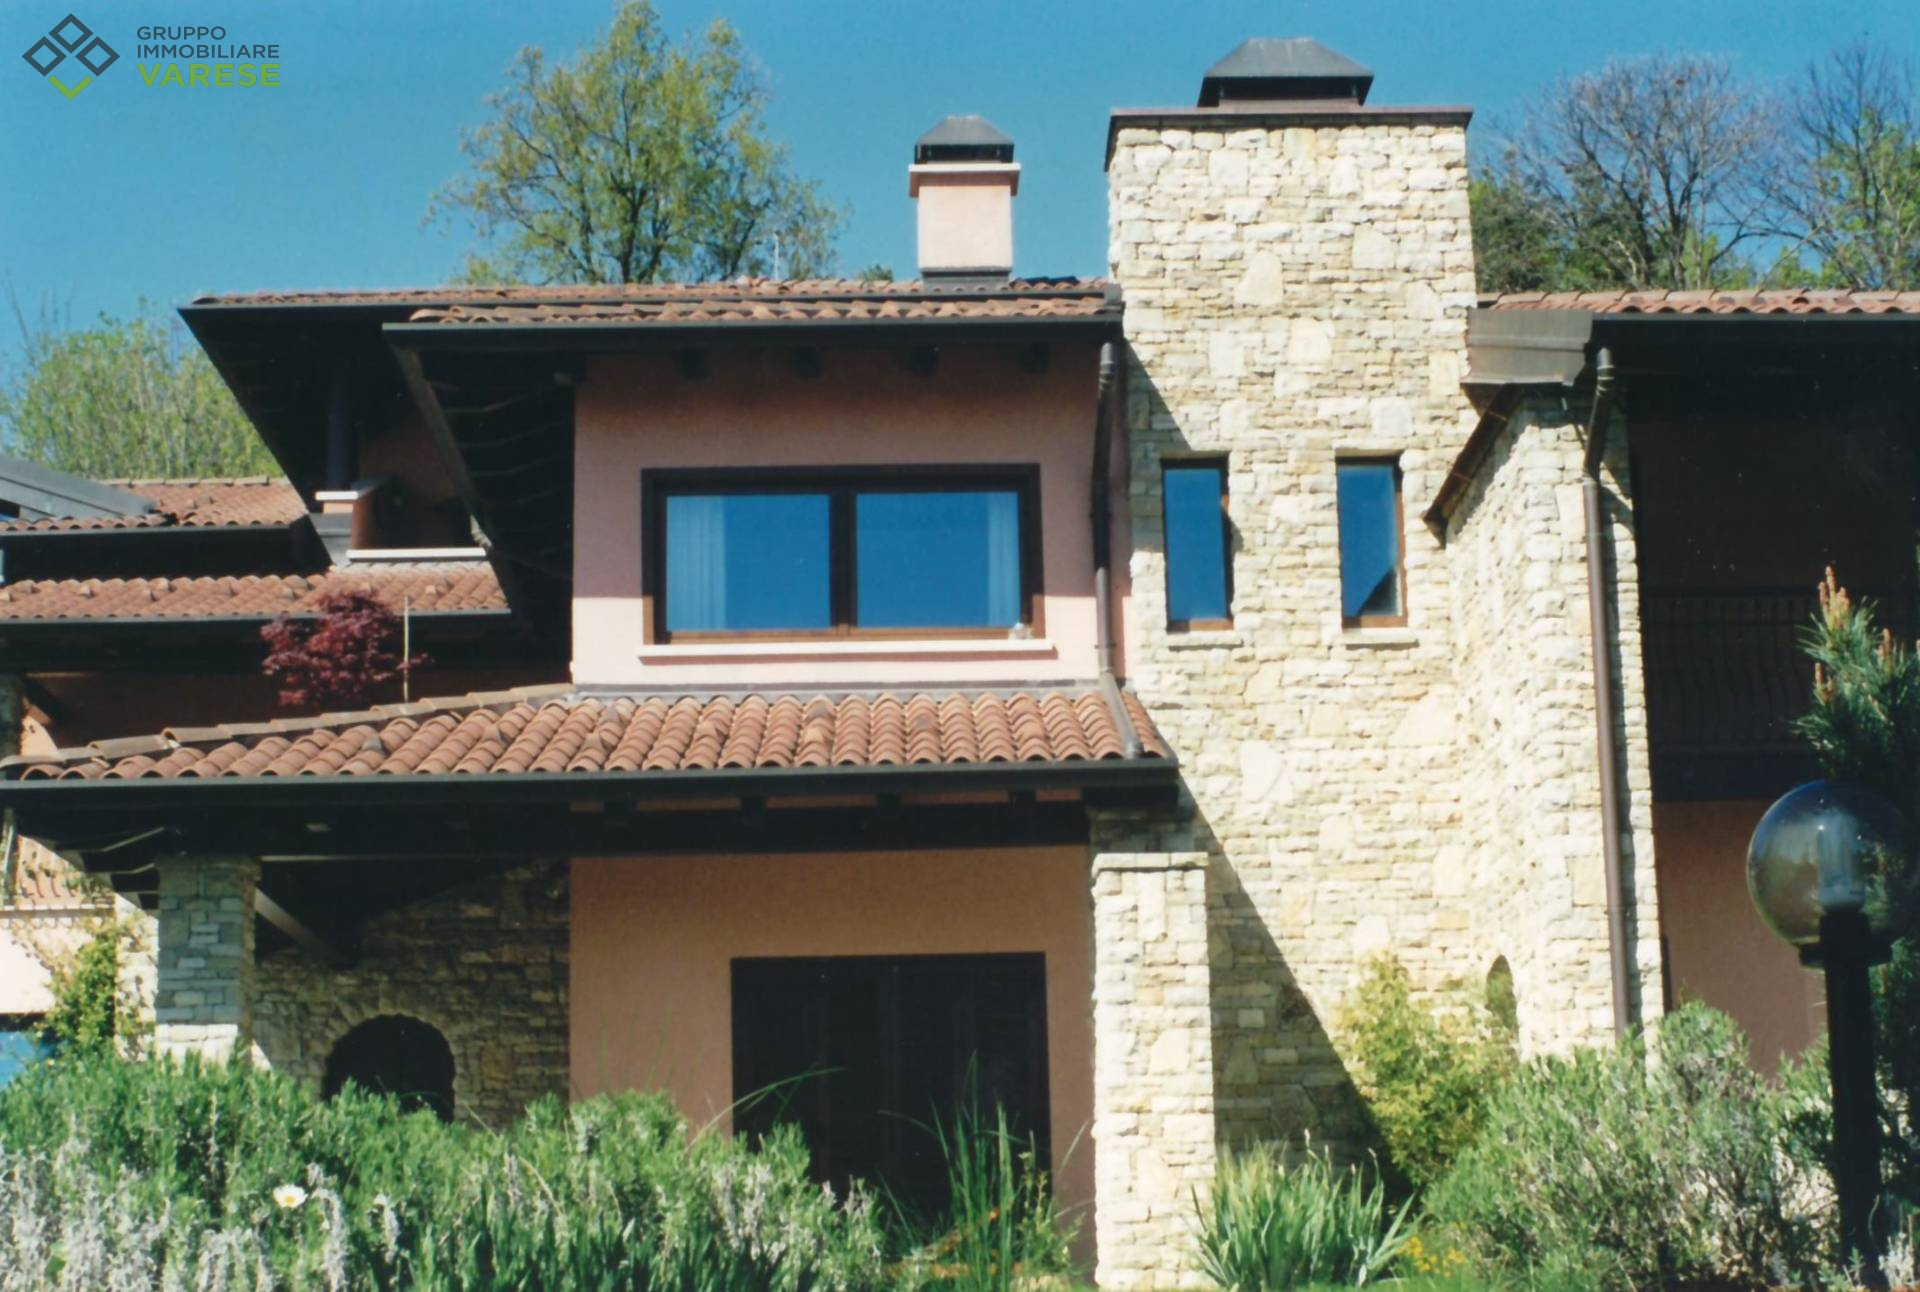 Villa in affitto a Comerio, 4 locali, zona Zona: Mattello, prezzo € 2.000 | CambioCasa.it